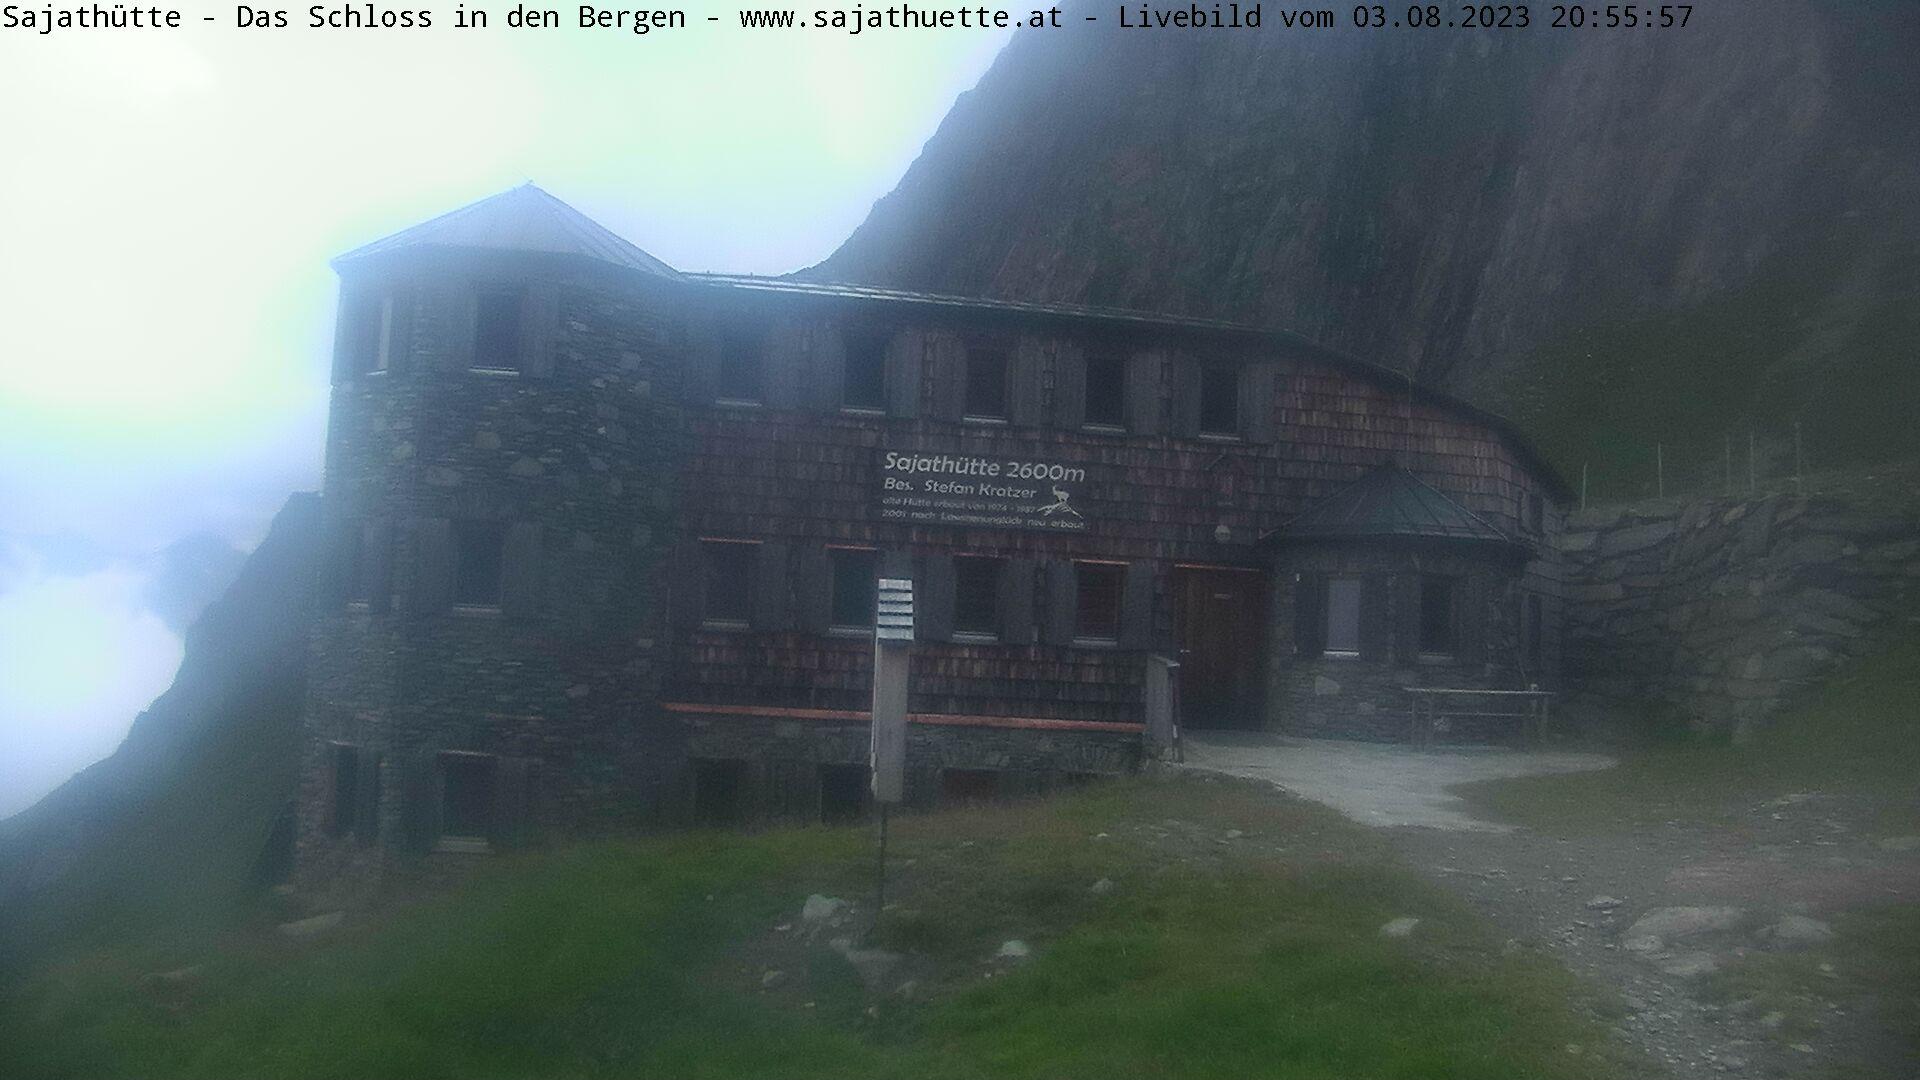 Webcam Neue Sajat-Hütte 2.600 m   Das Schloss in den Bergen